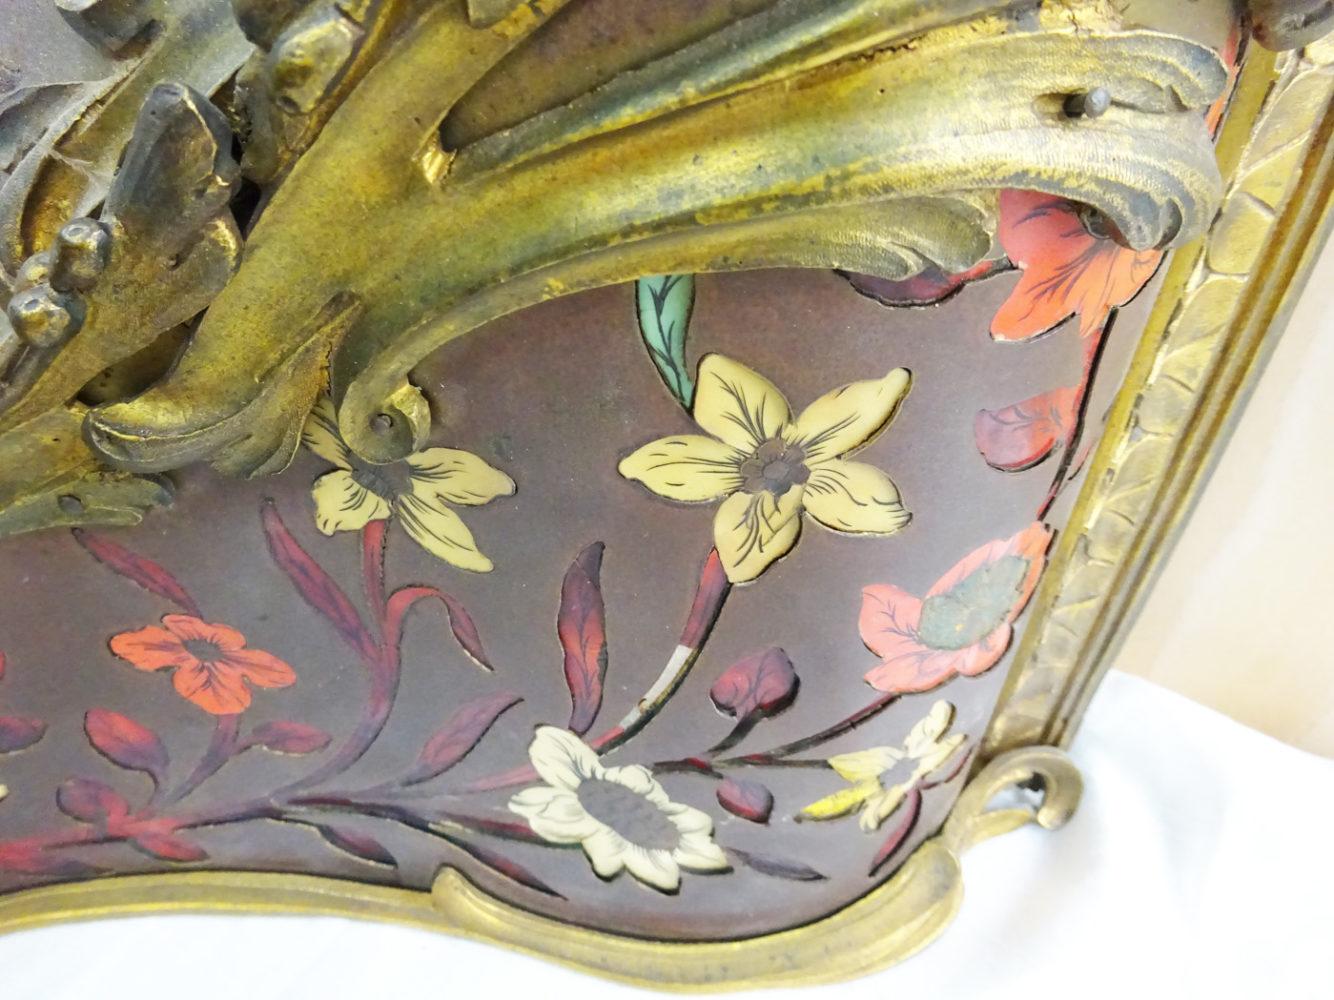 vaux le vicomte luc vaganay 5 luc vaganay eb niste restaurateur de meubles anciens lyon. Black Bedroom Furniture Sets. Home Design Ideas